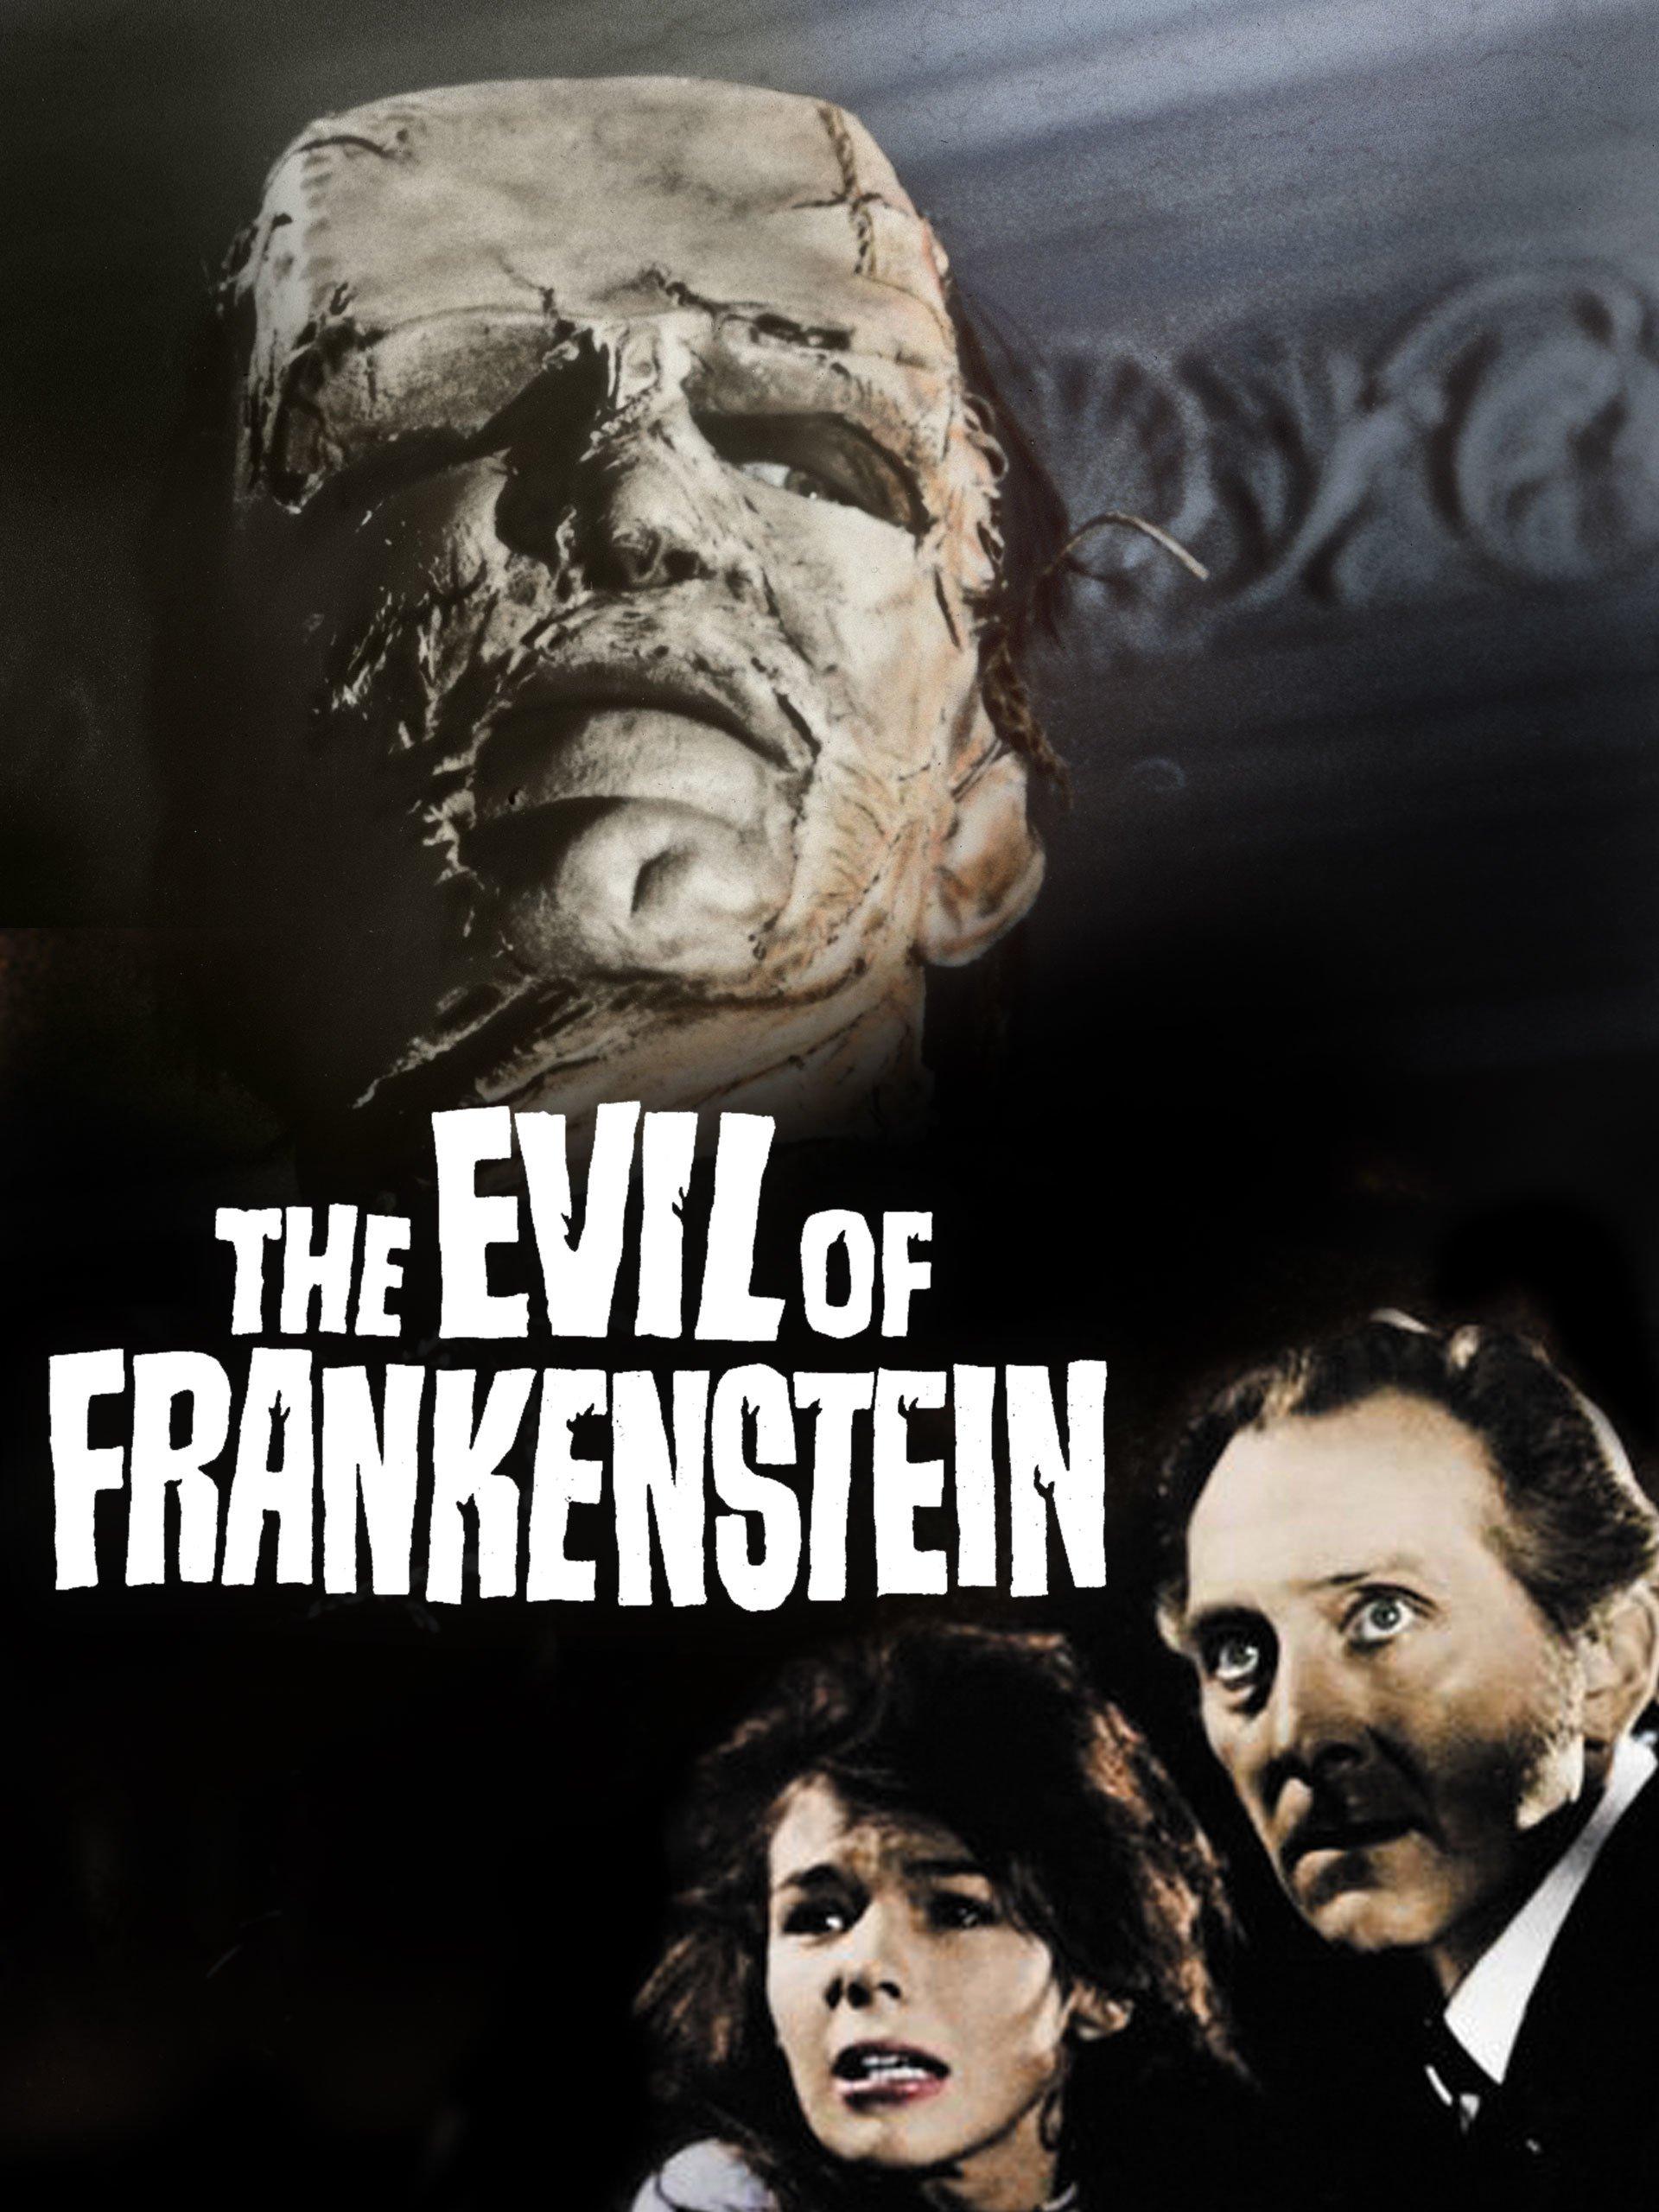 The evil of Frankenstein horror movie poster print